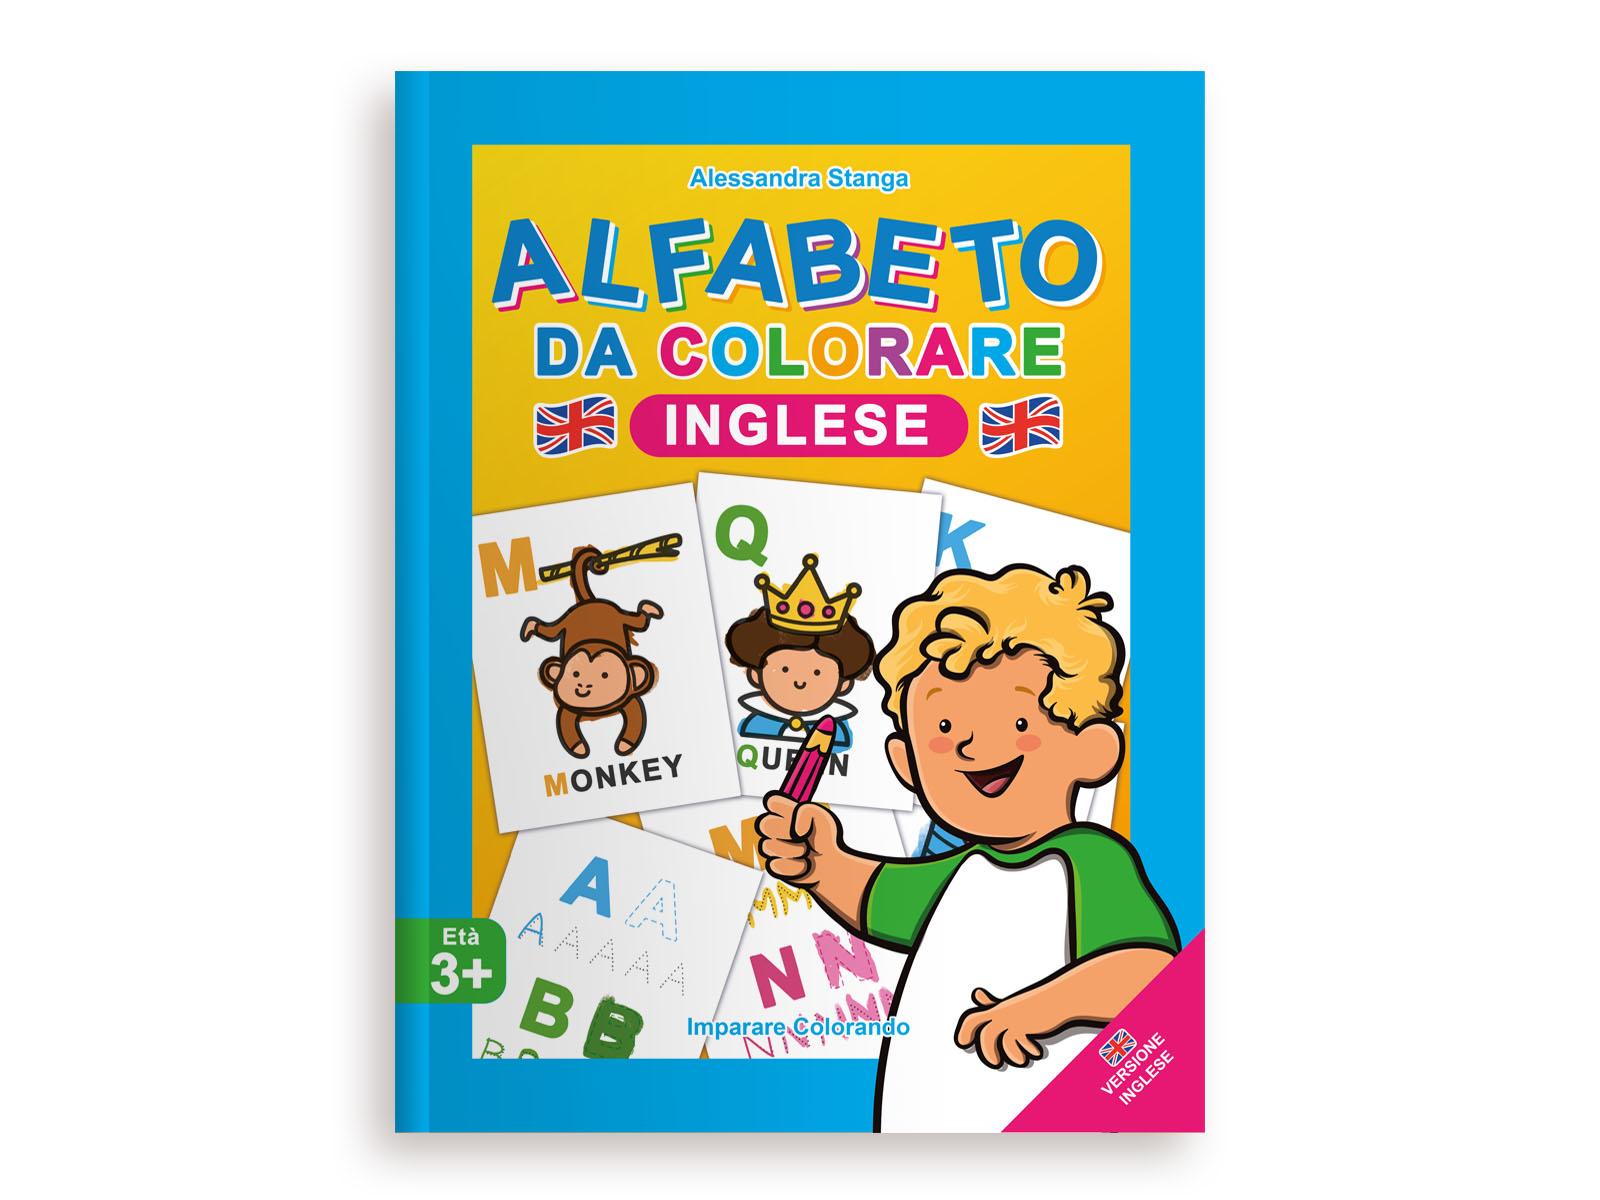 Alfabeto da Colorare Inglese